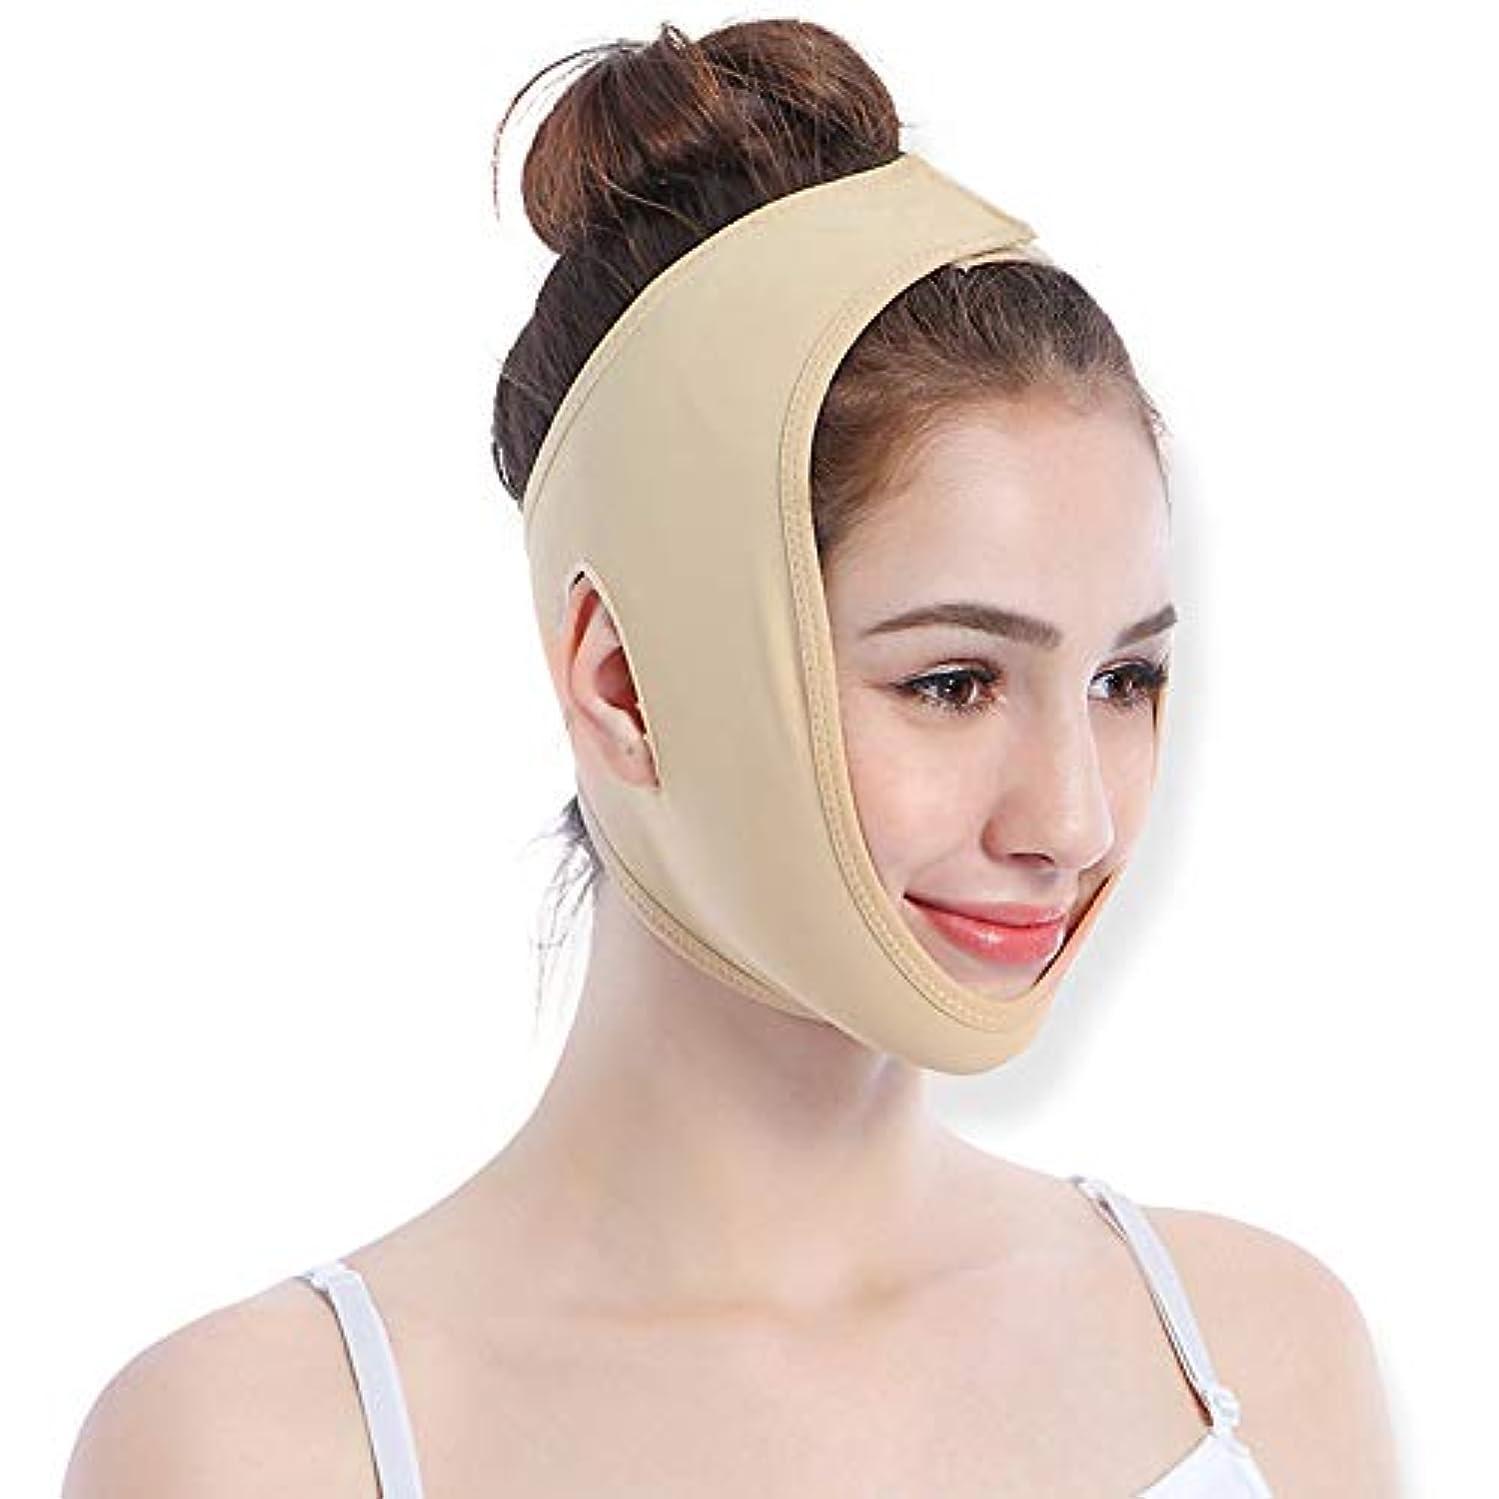 前置詞ブラスト感じる顔の重量損失通気性顔マスク睡眠 V 顔マスク顔リフティング包帯リフティング引き締めフェイスリフティングユニセックス,S